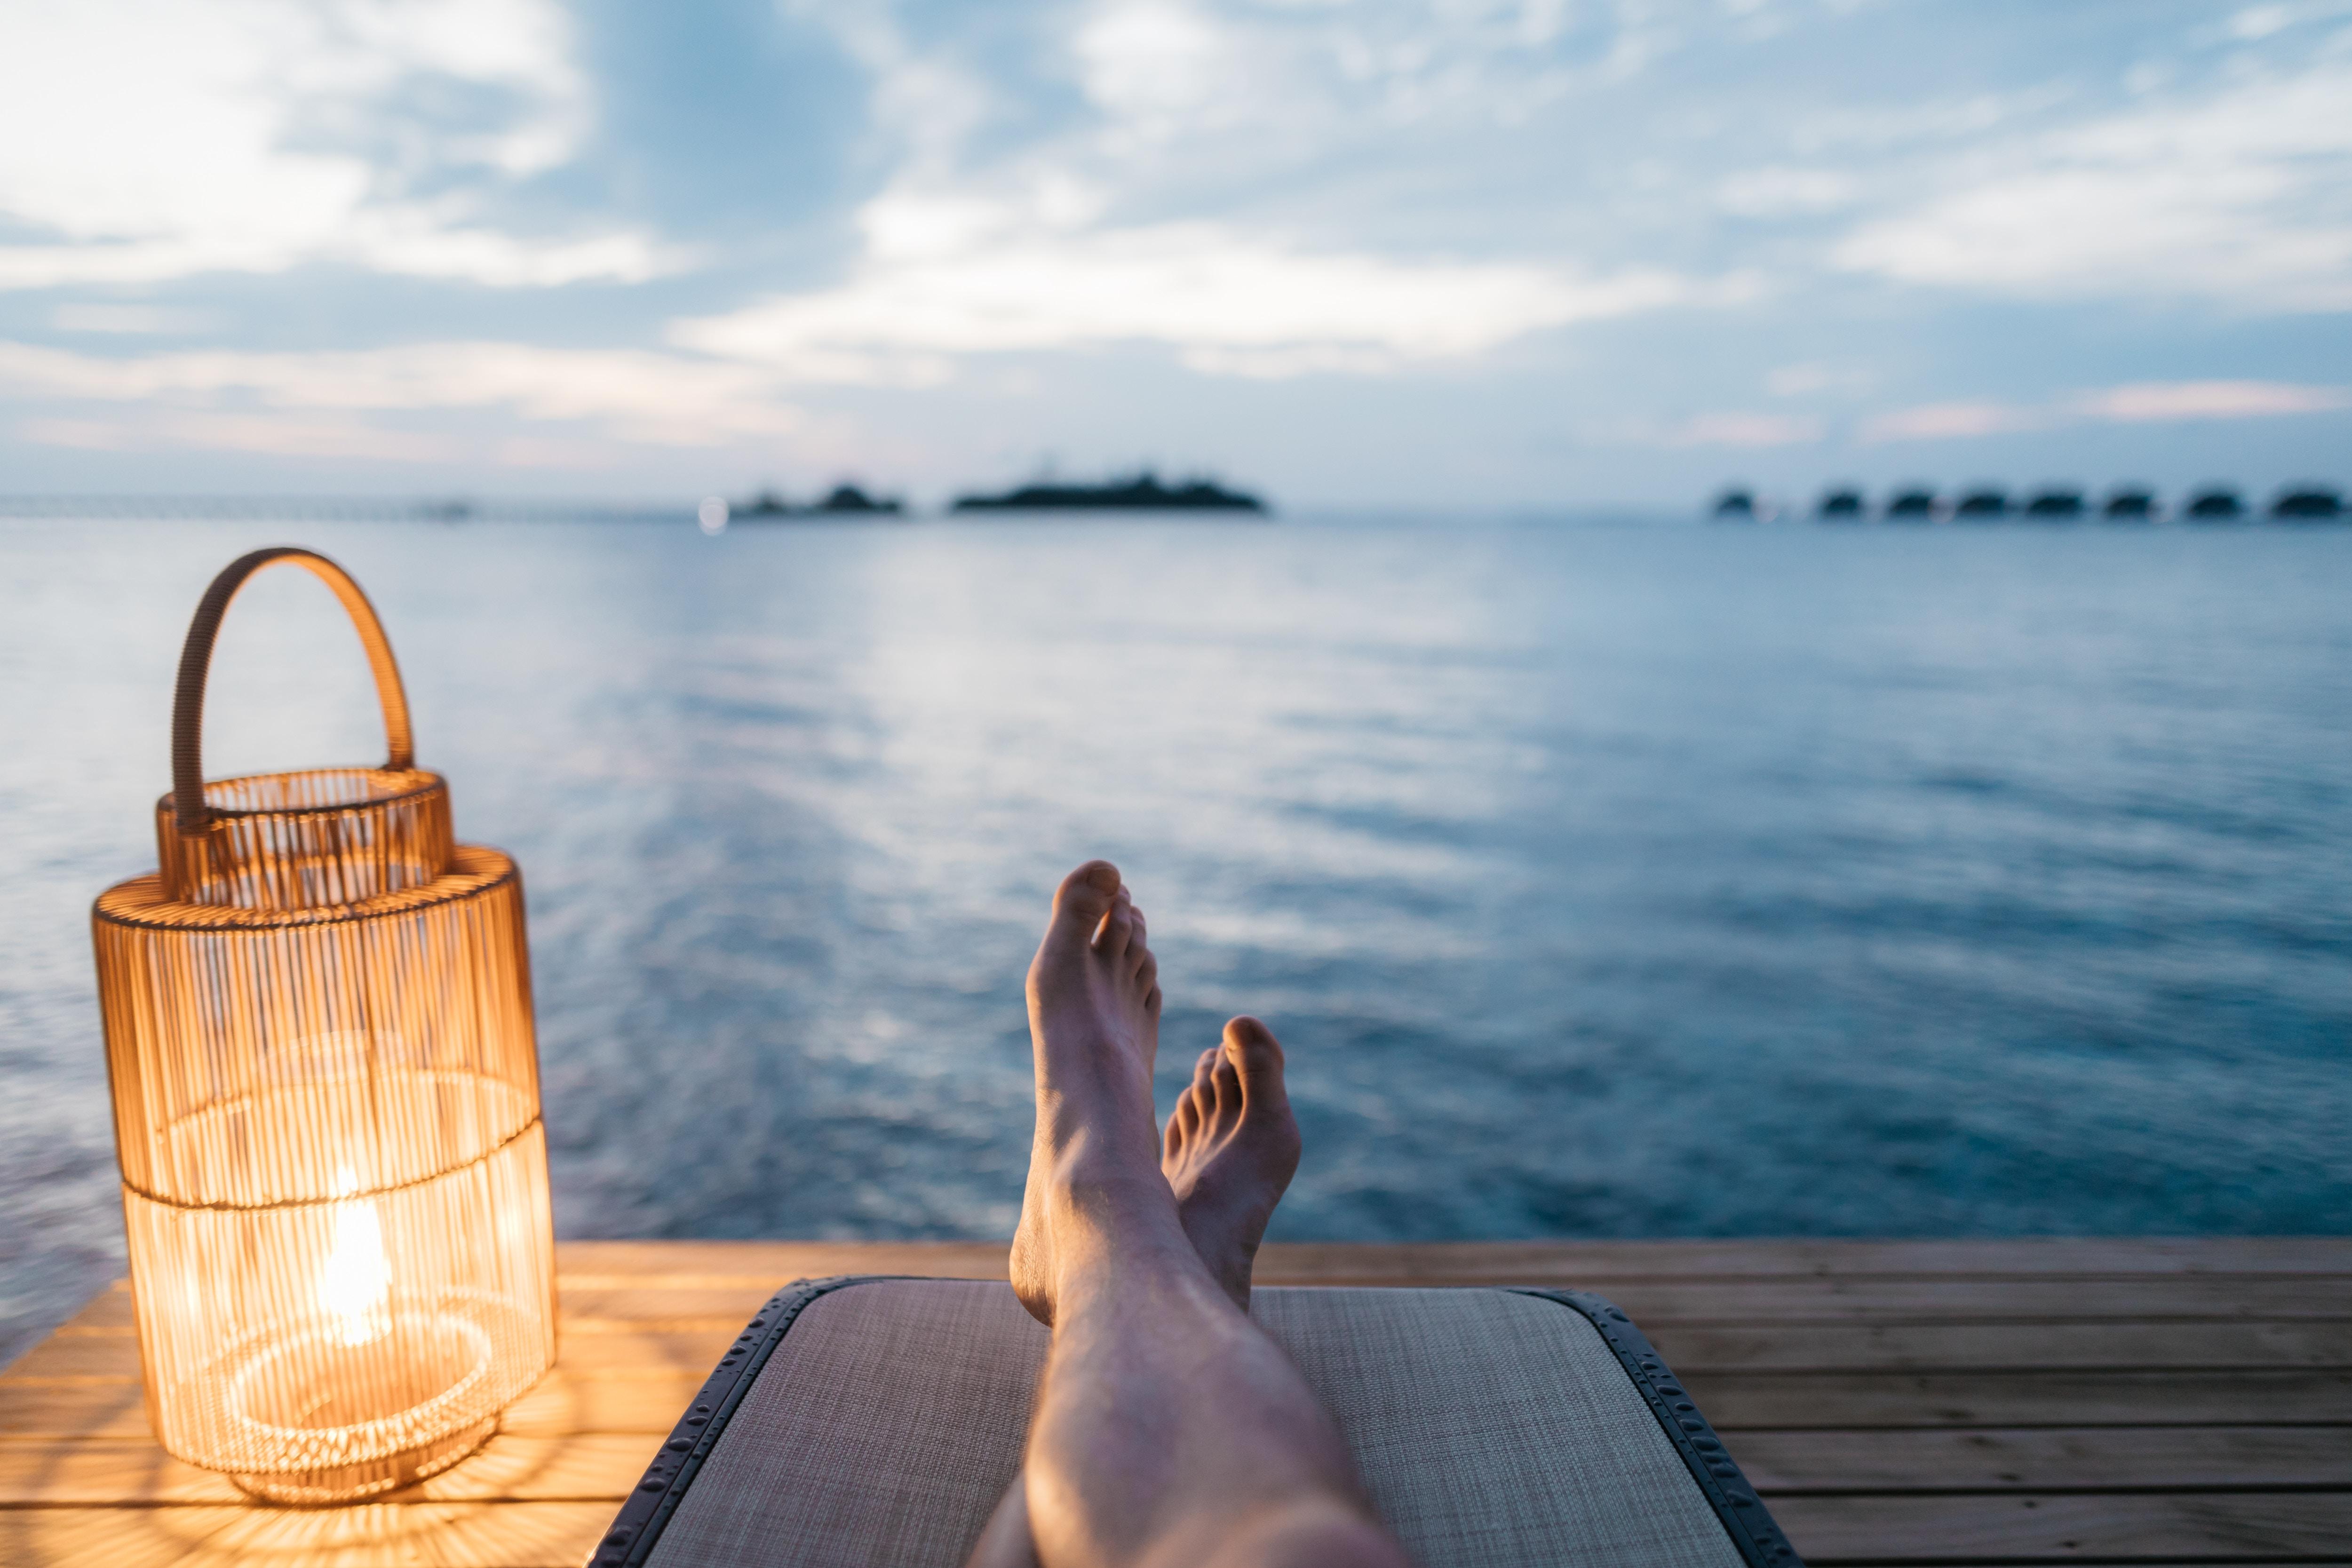 【休假症候群】春假來了!休假越休越累?這 5 個方法幫助你擁有充實且放鬆的假期!